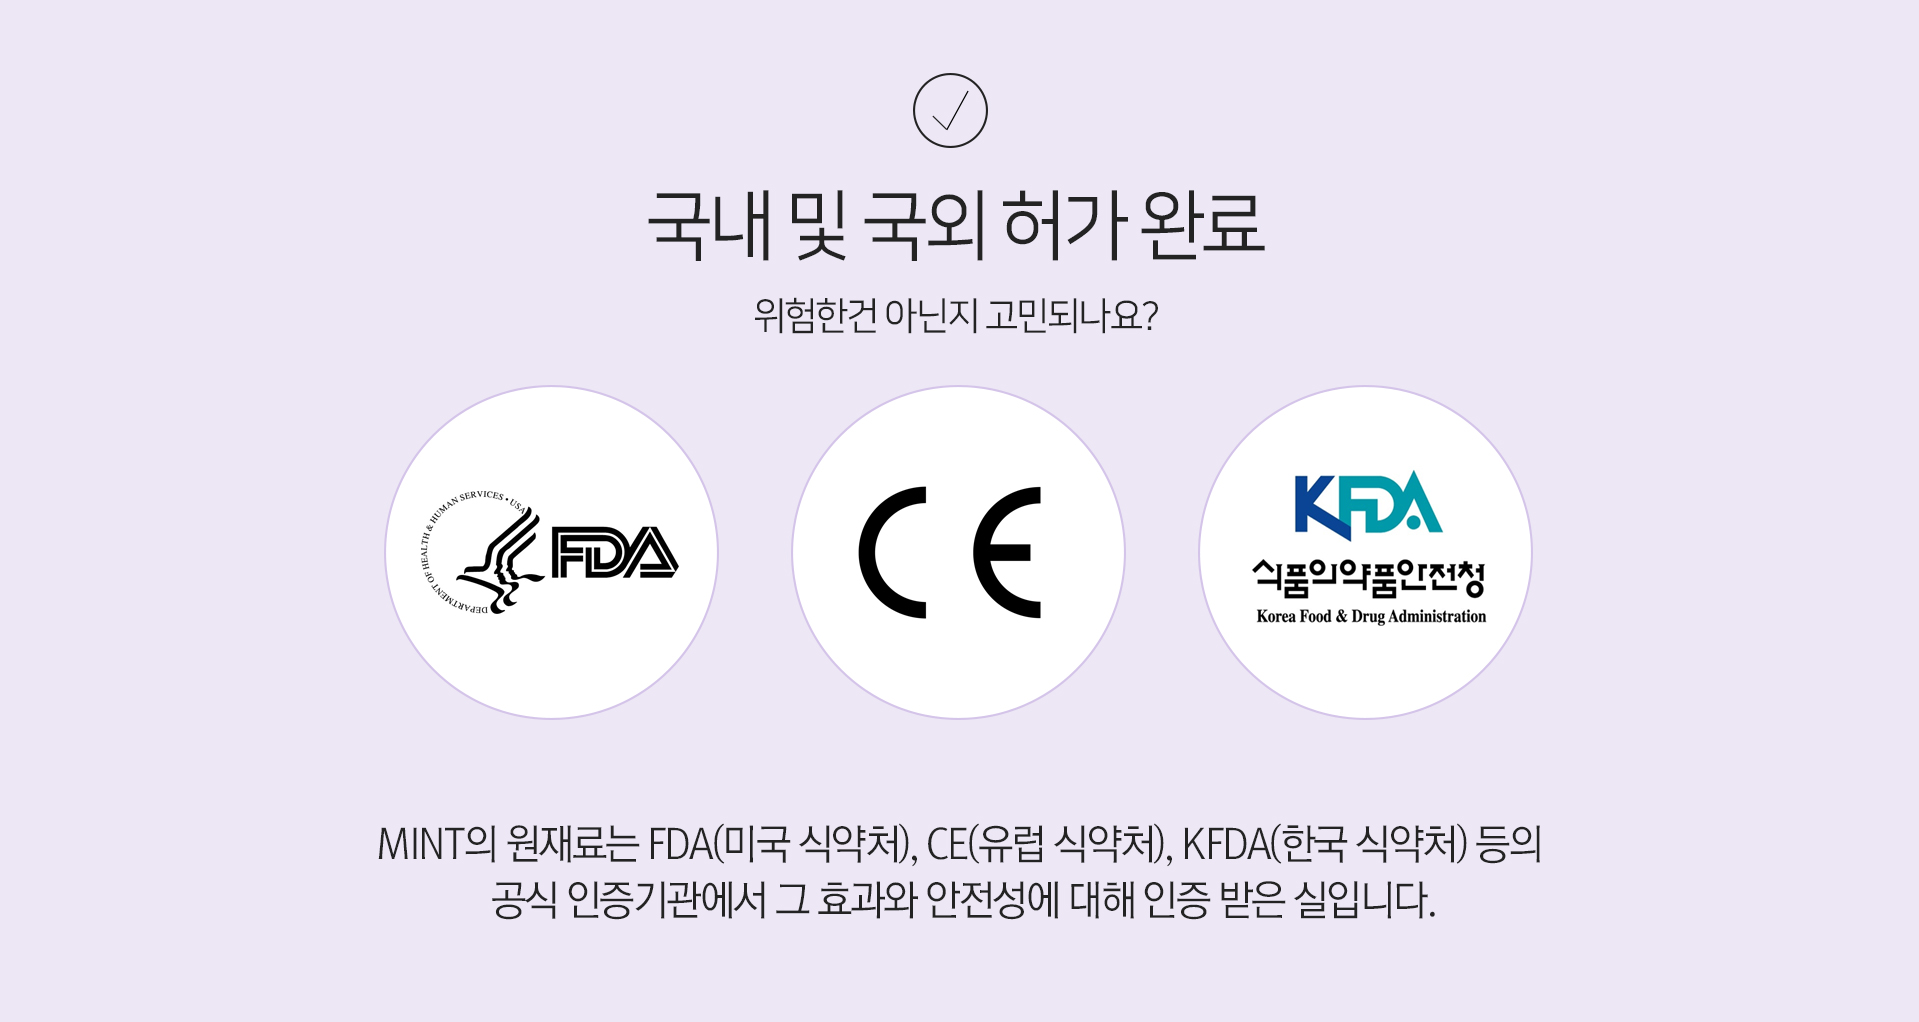 국내 및 국외 허가 완료 mint의 원재료는 fda,ce,kfda등의 공식 인증기관에서 그 효과와 안전성에 대해 인증 받은 실 입니다.